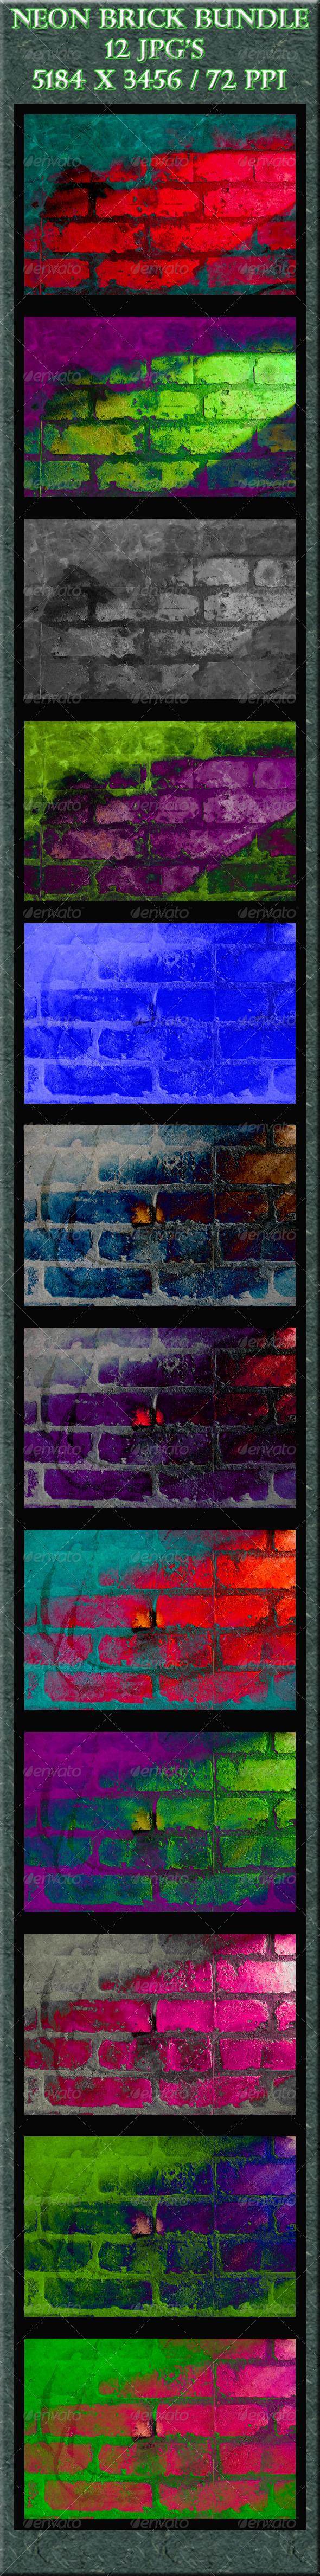 GraphicRiver Neon Bricks 4087320